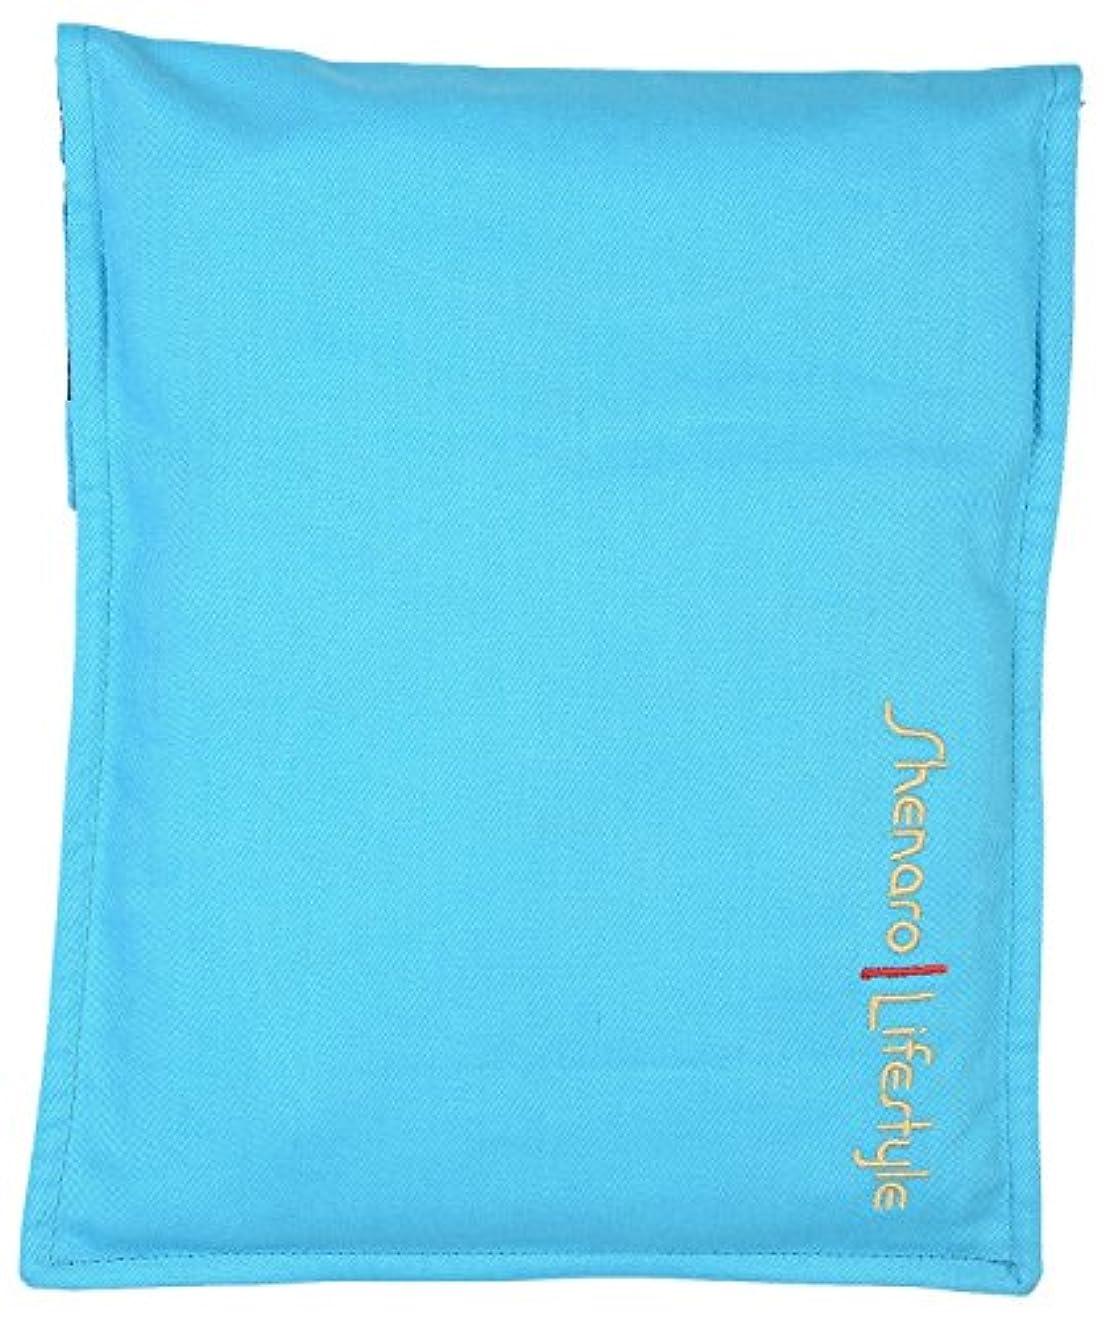 解釈する歩行者列車Shenaro Lifestyle's: Cotton Organic and Eco-Friendly Pain Relief Wheat Bag with Treated Whole Grains and Aroma...